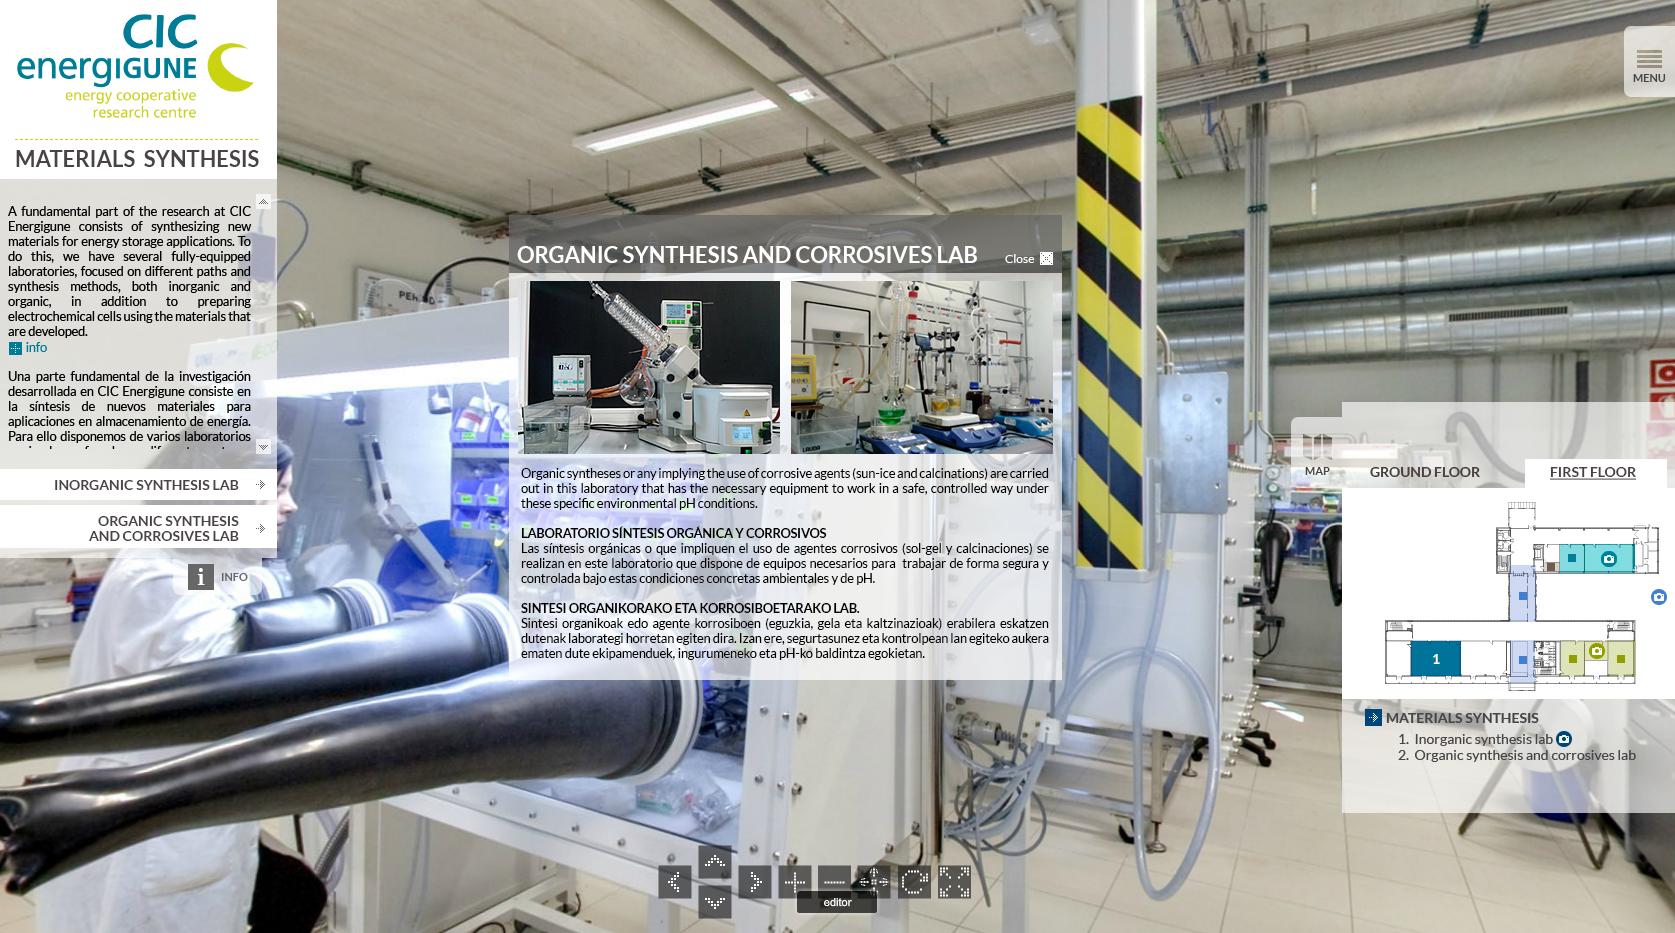 Fotografía de una imagen de la Visita Virtual en 360º a CIC Energigune